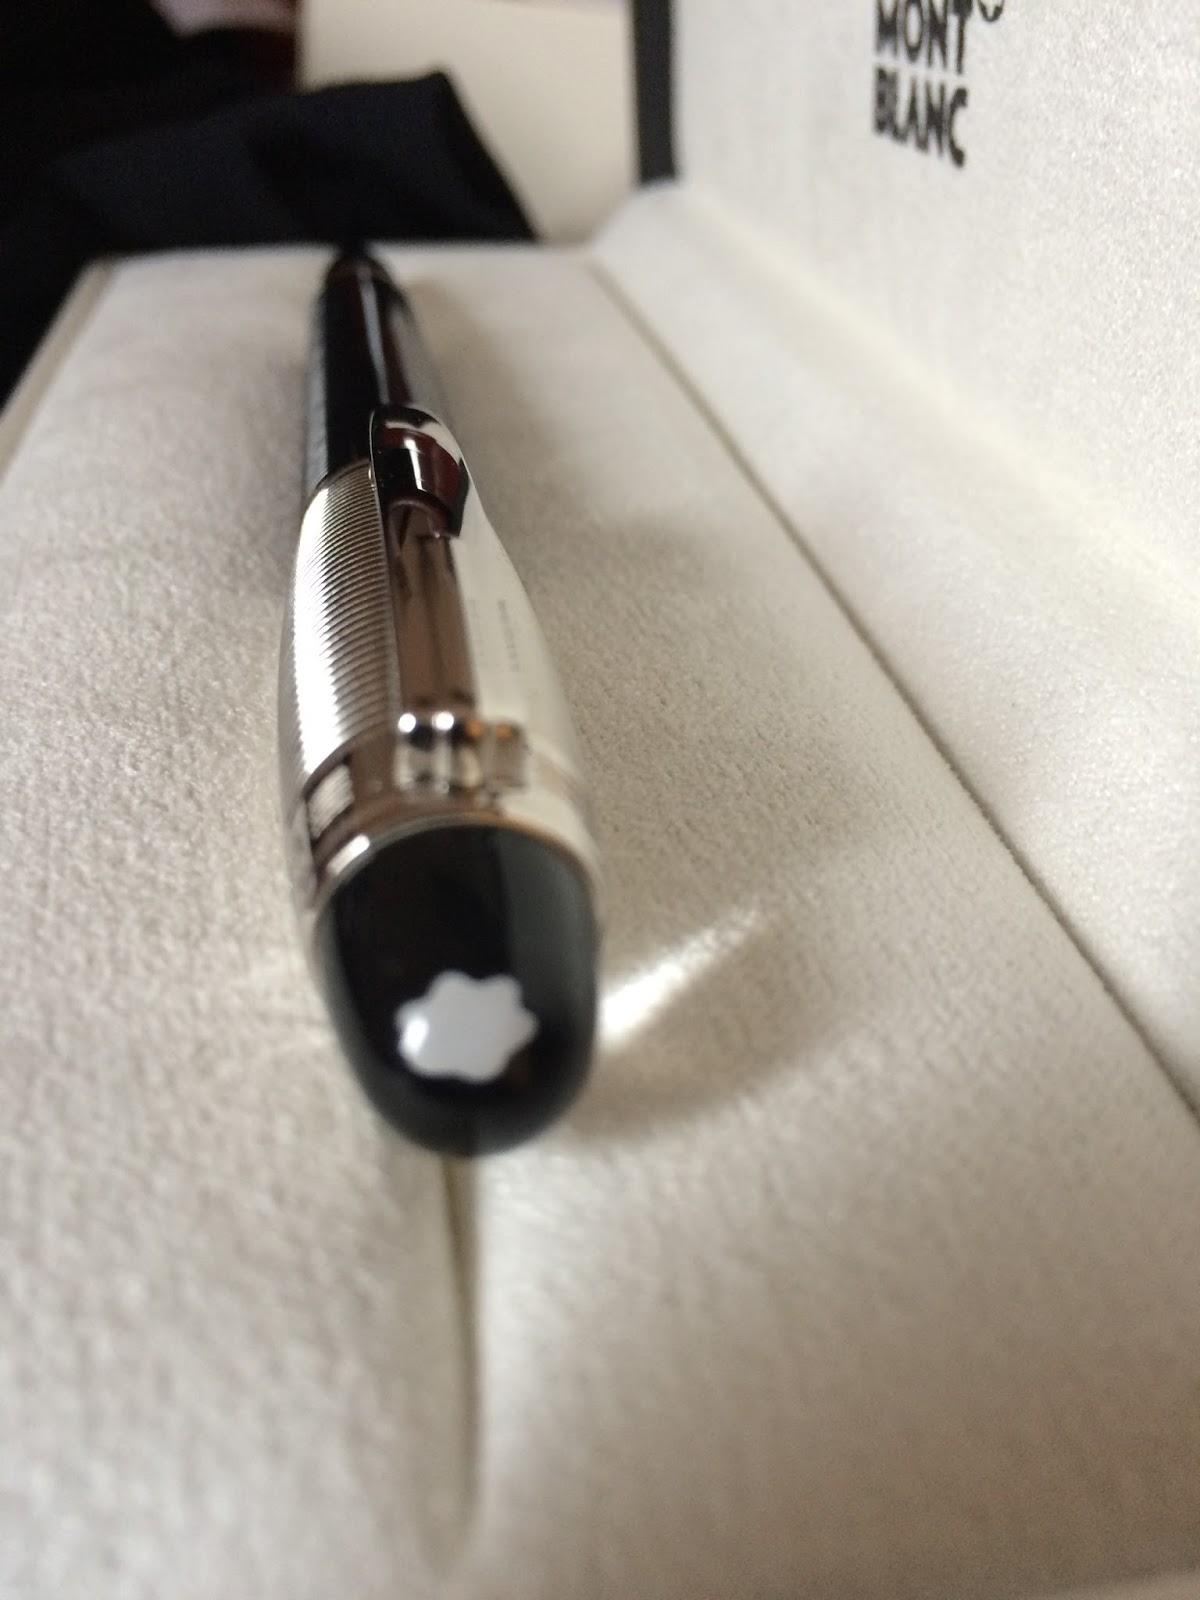 671d8790890 ... flutuante que diferenciam essas canetas das linhas mais clássicas da  Montblanc. Os modelos Doue